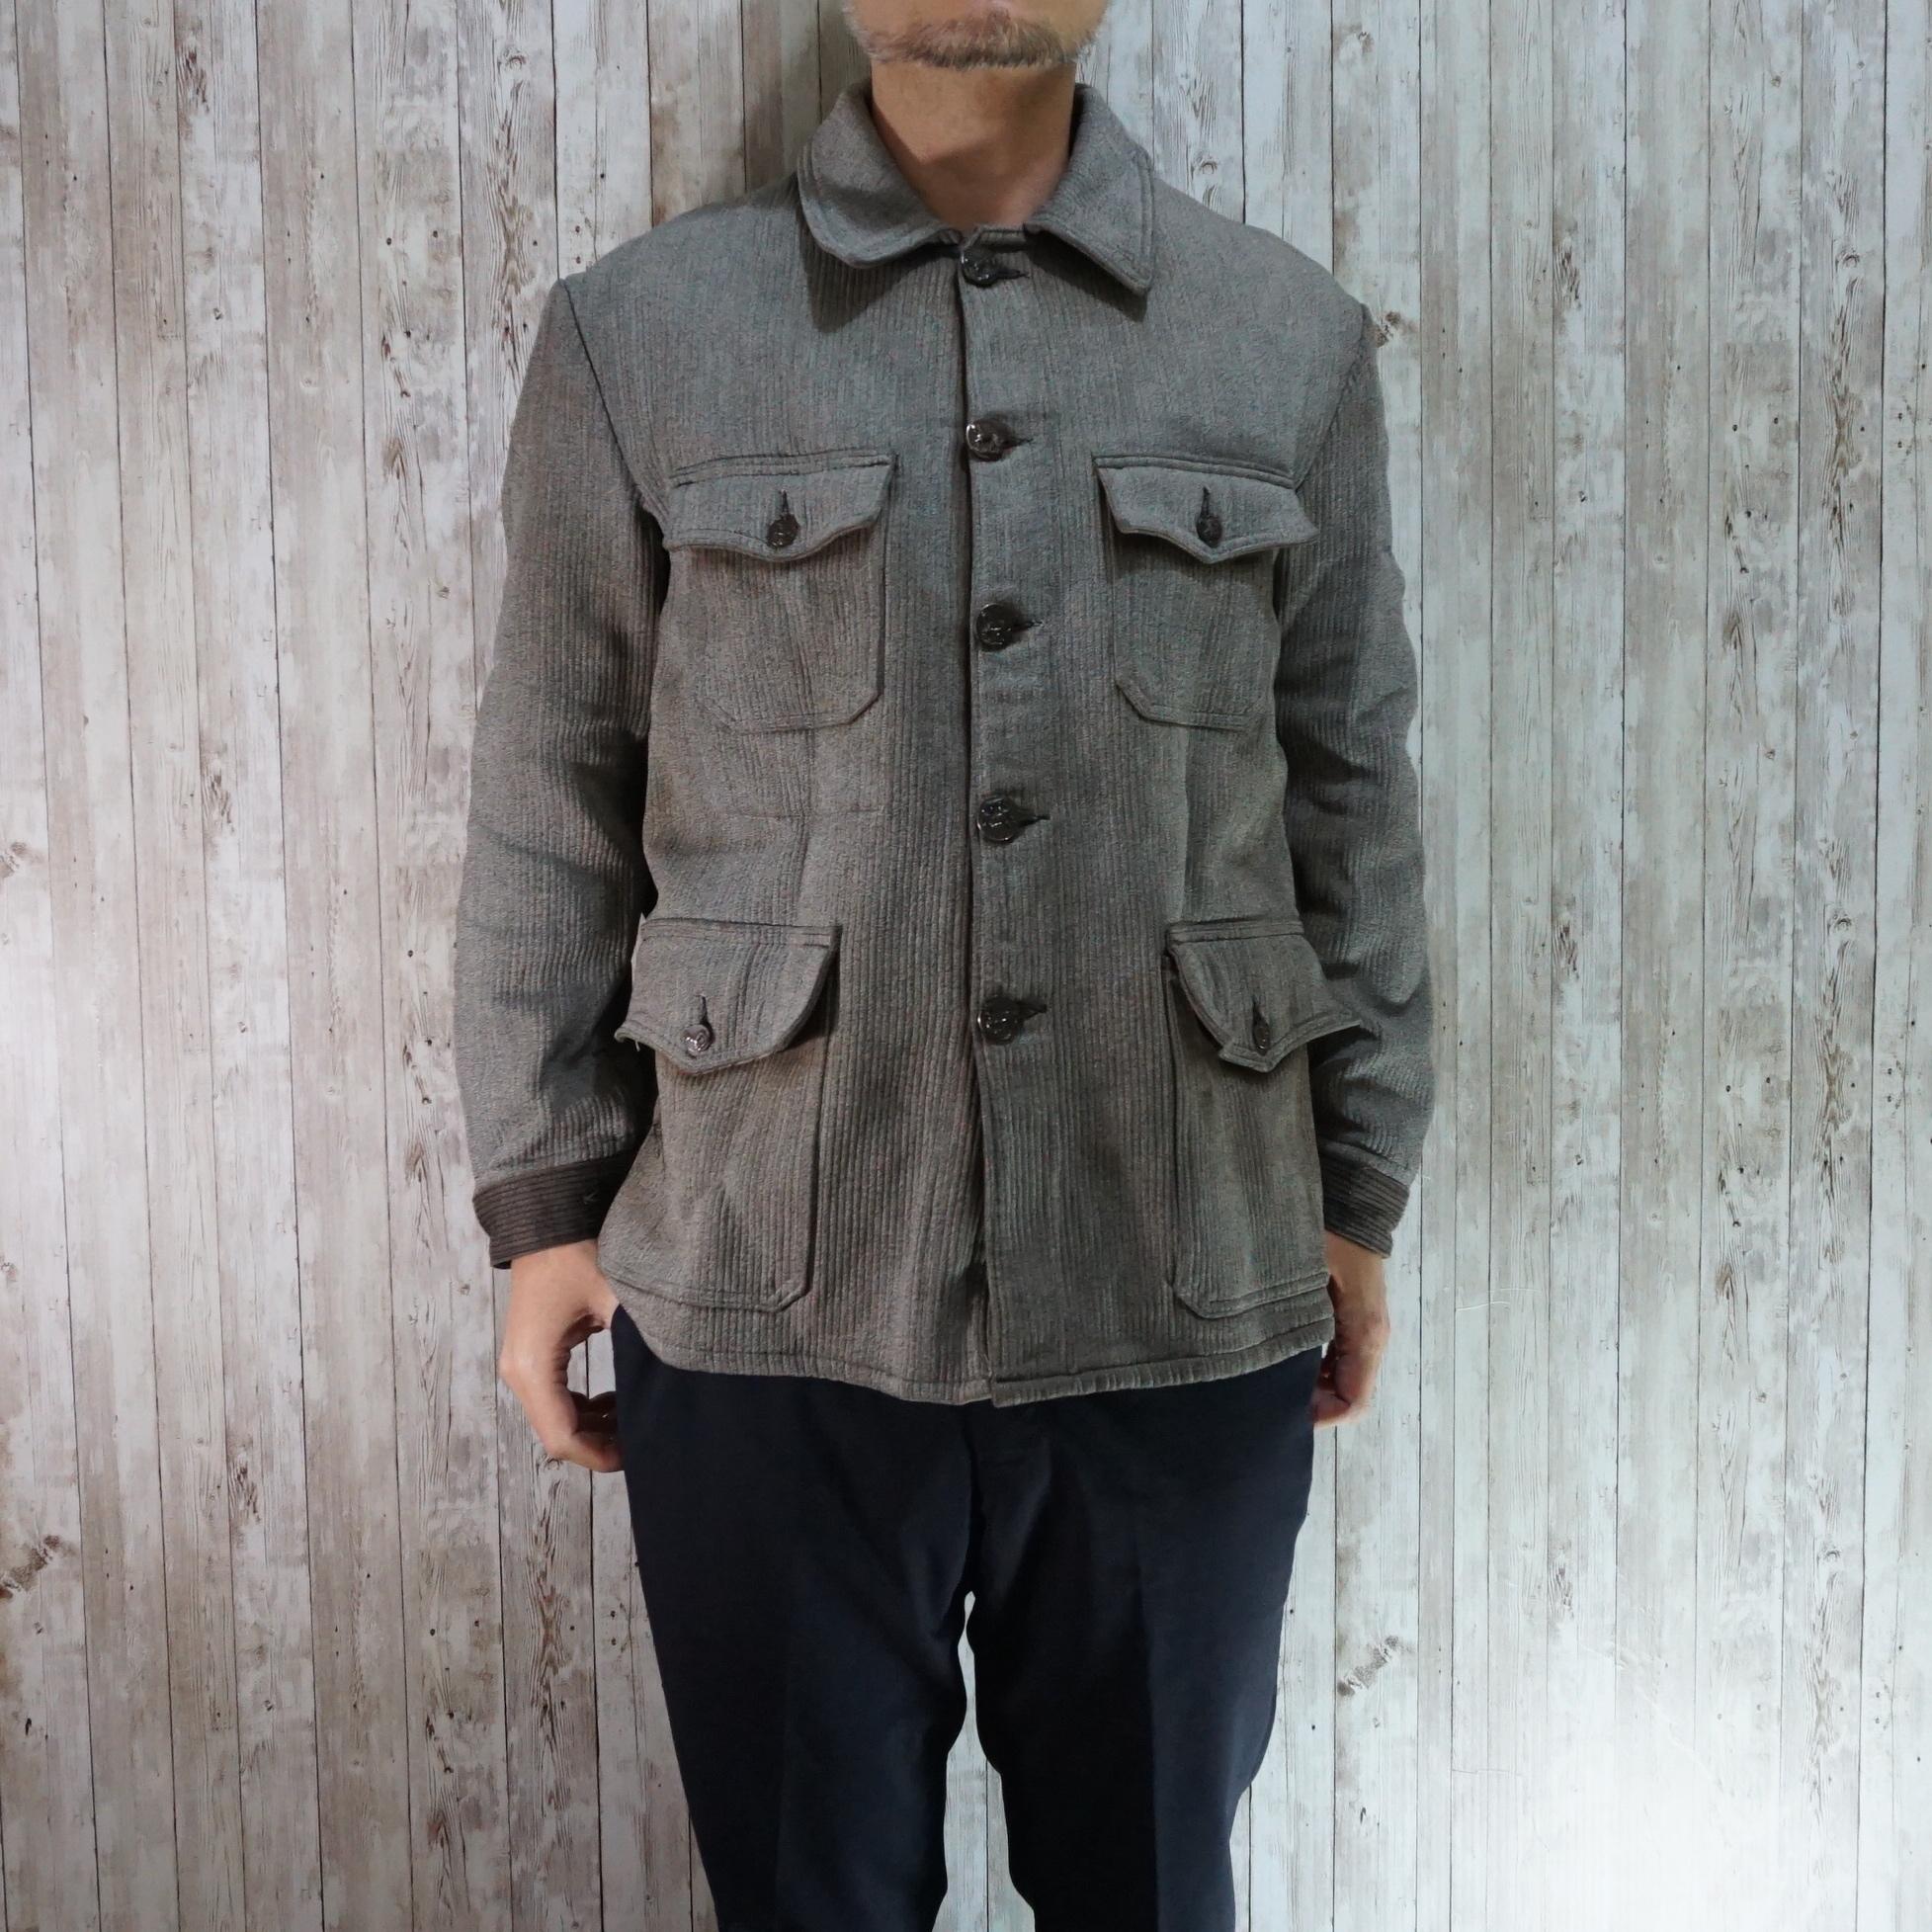 フレンチヴィンテージの代表格ハンティングジャケットはファンならば必ず一つは持っておきたいジャケットで